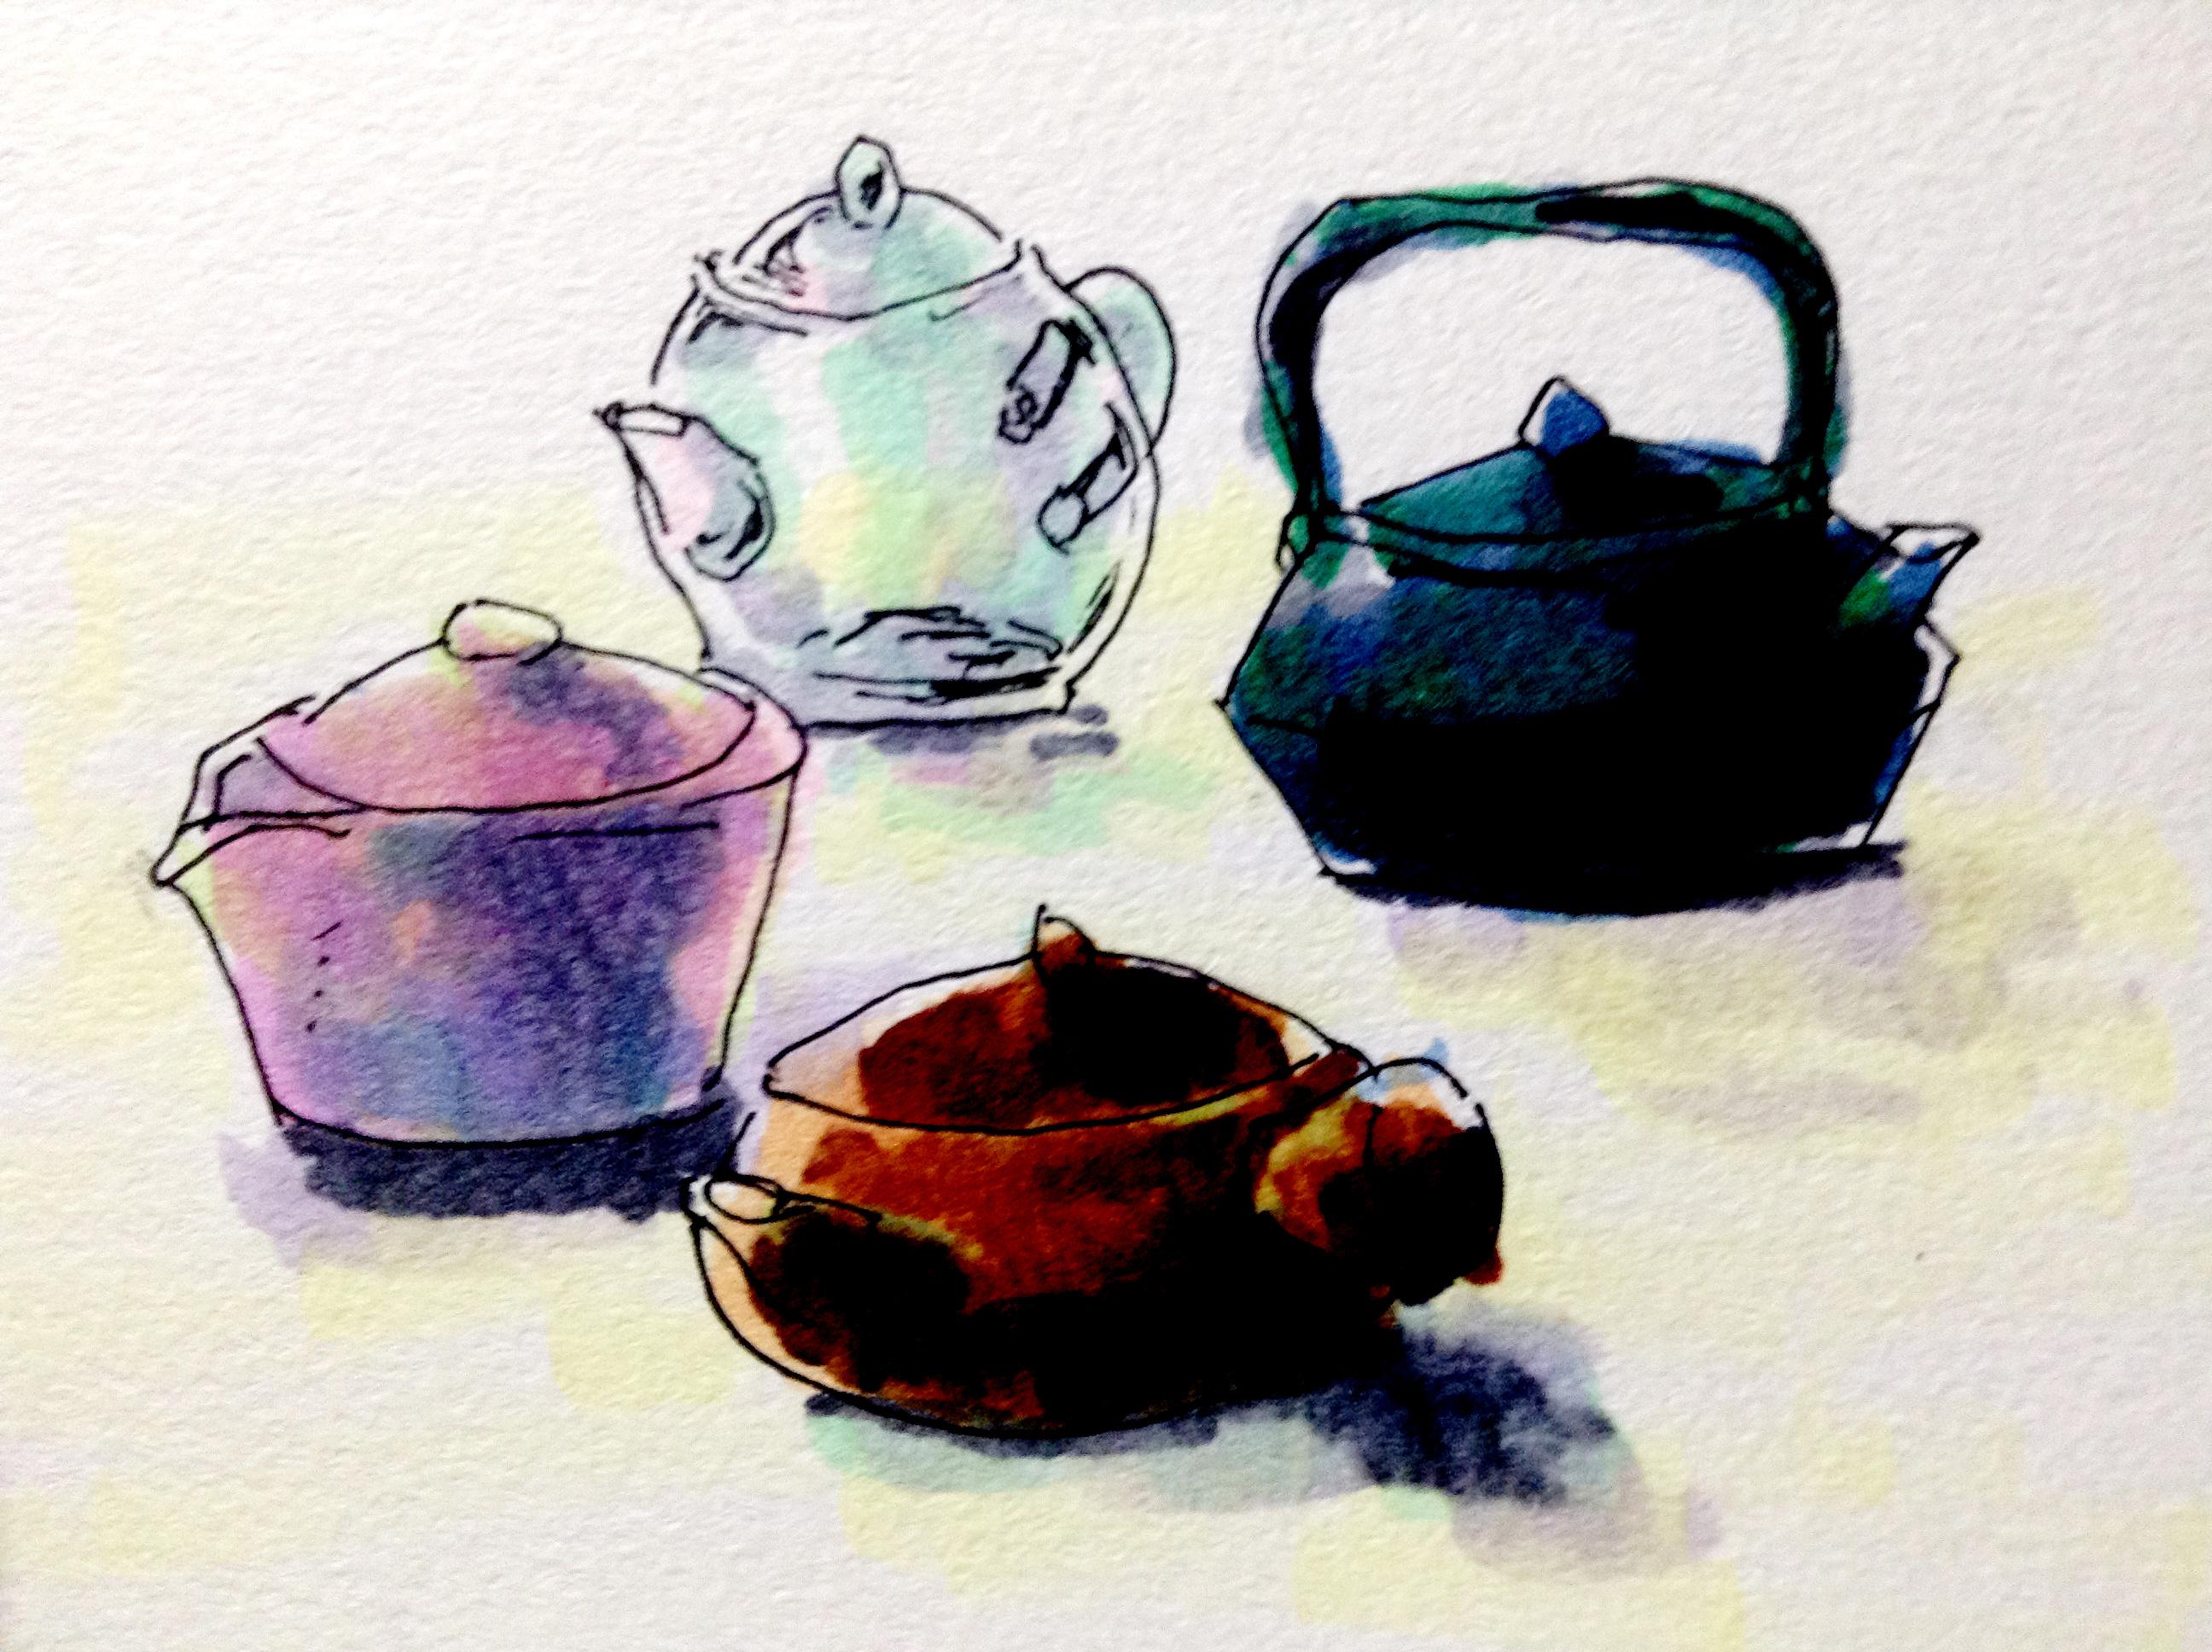 日本茶やハーブティーを淹れるさまざまな急須のイメージをコピックマーカーで描いたイラスト